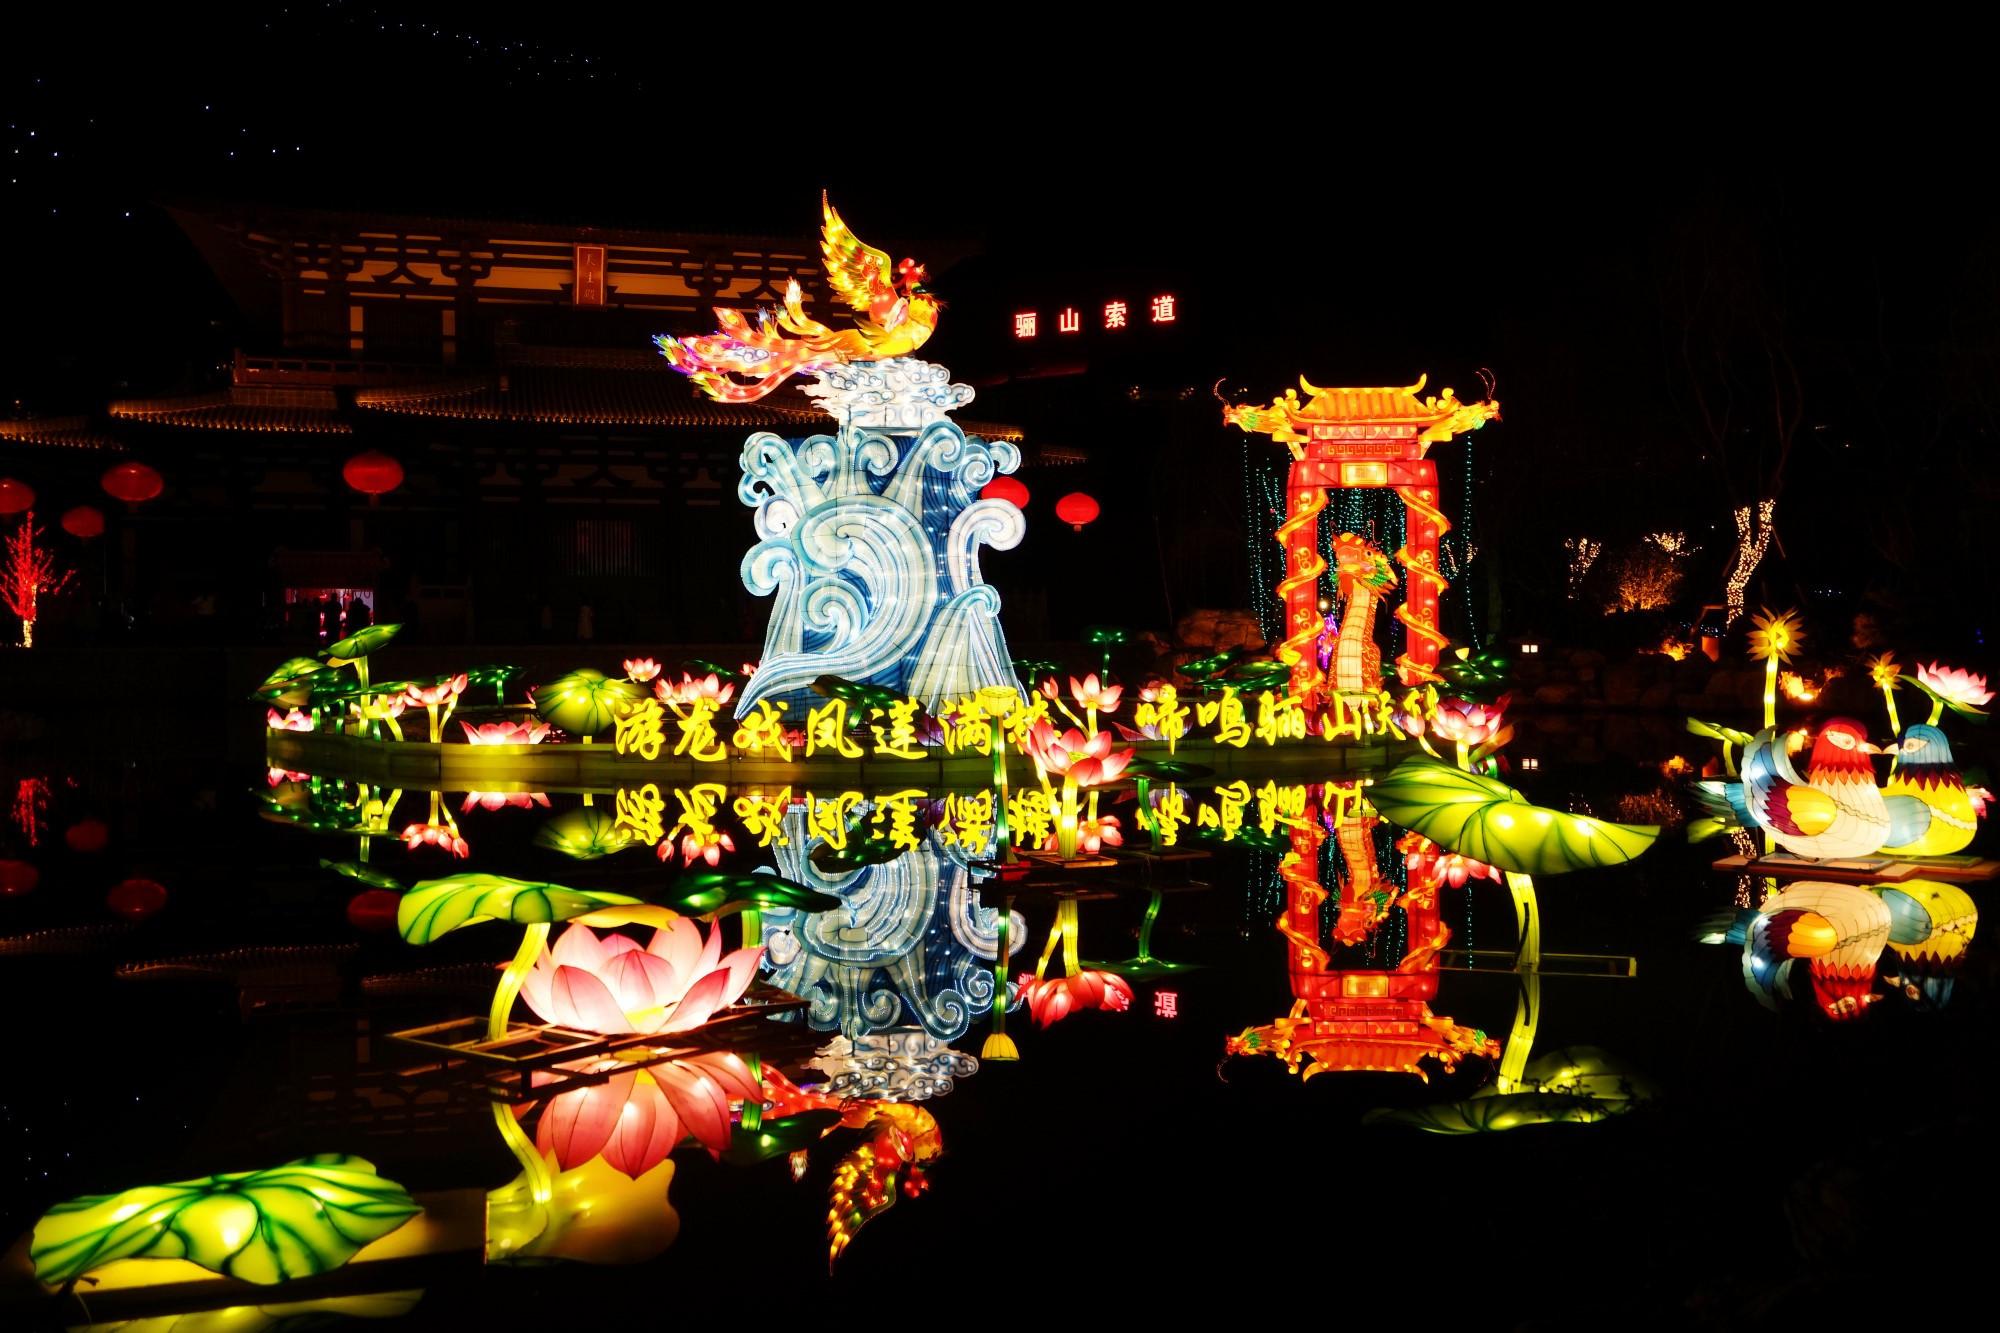 亚洲最大的网红皇冠,点亮华清宫唐韵璀璨灯会